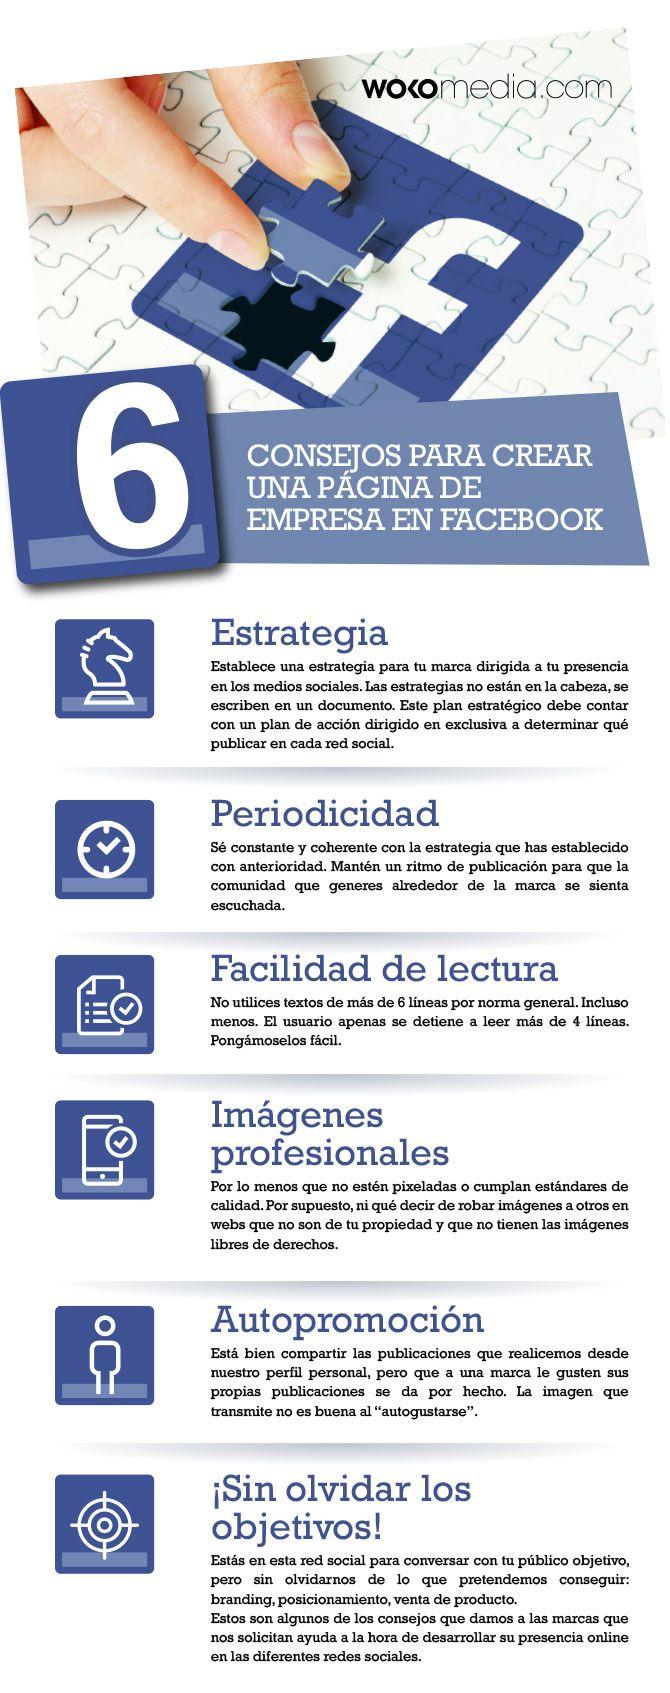 6 consejos para crear una página de Facebook de empresa. #Infografía #FanPage #CommunityManager